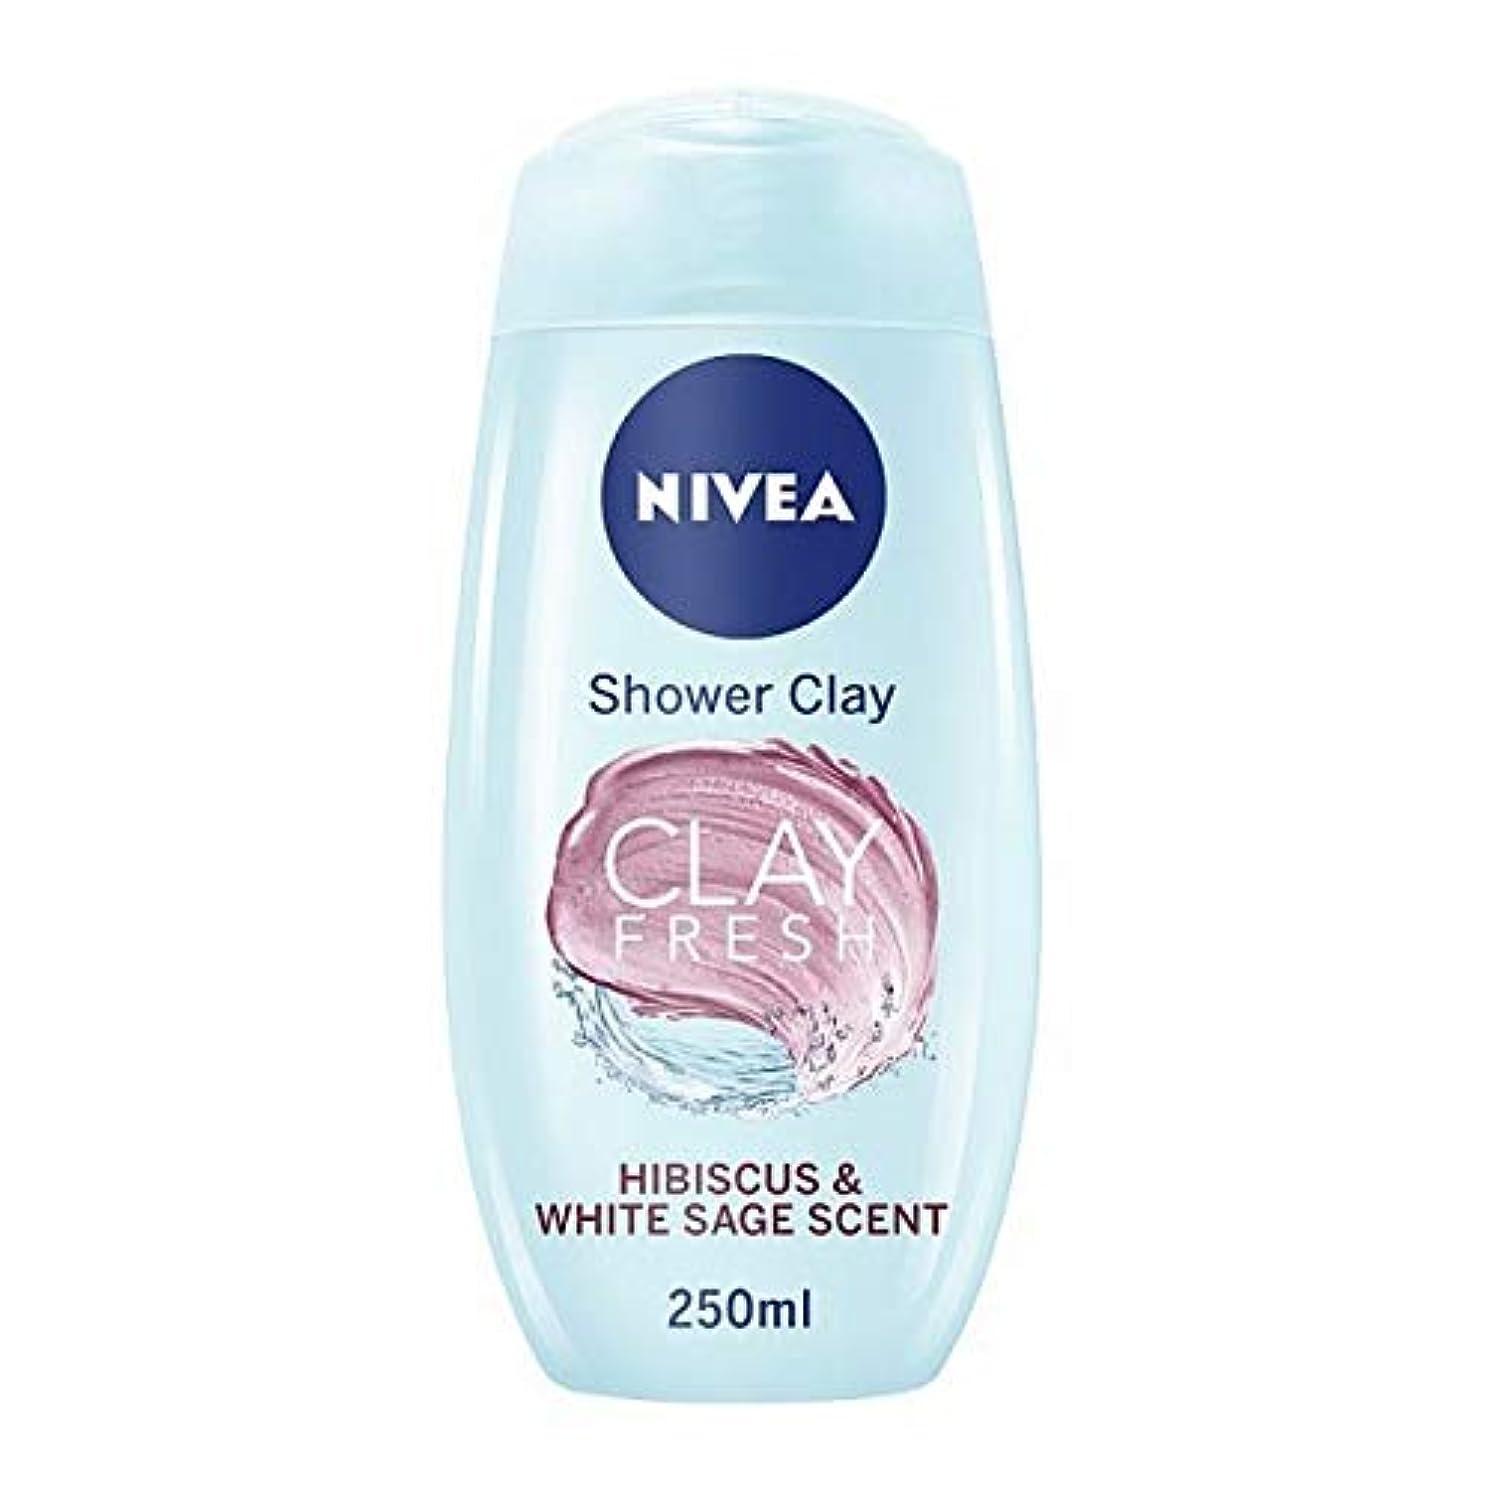 感覚熟練した男性[Nivea ] ニベアシャワー粘土Hbs&Wsage 250ミリリットル - NIVEA SHOWER CLAY HBS&WSAGE 250ML [並行輸入品]